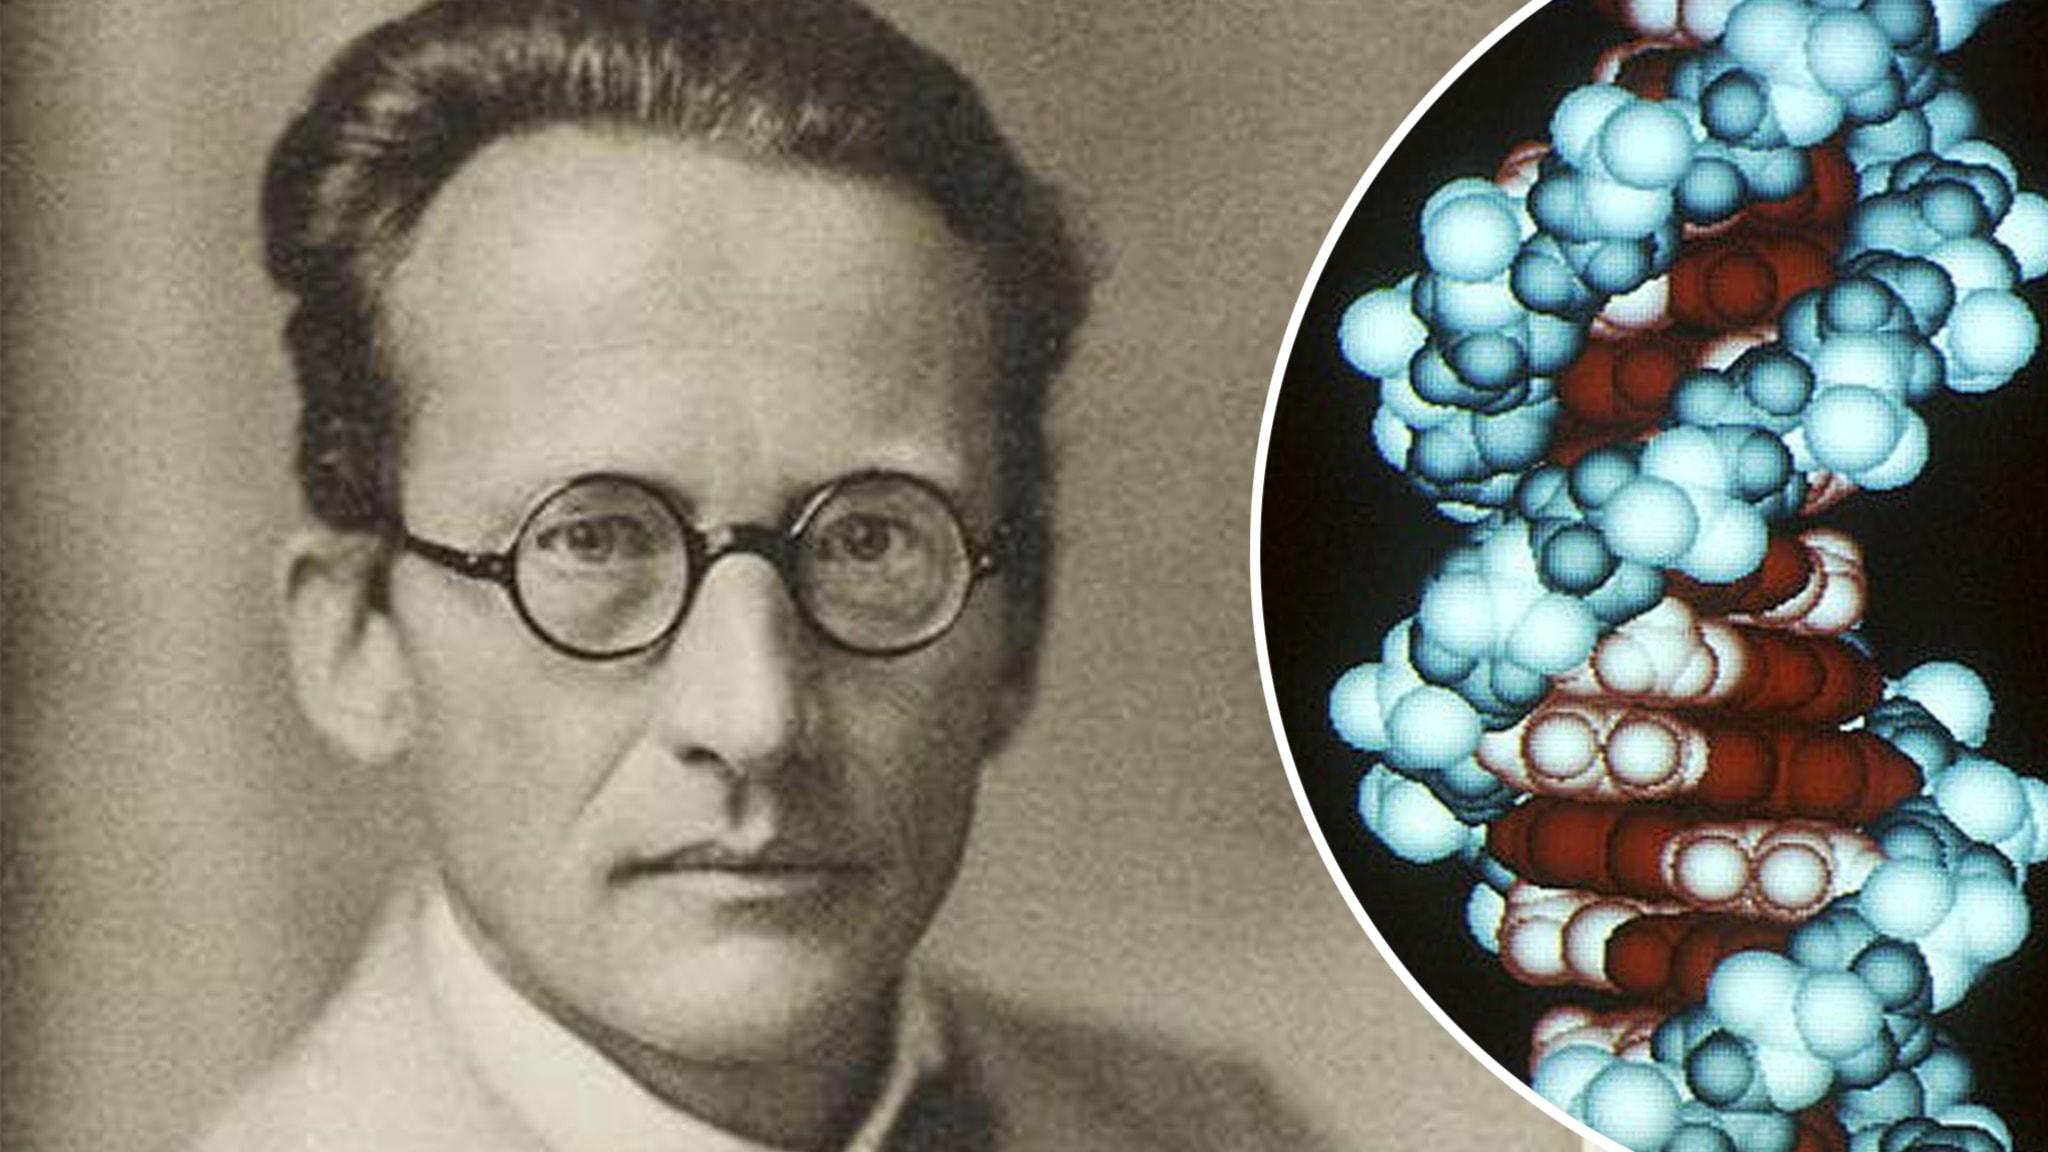 Fysikern Erwin Schrödinger väckte frågor som förde den biologiska vetenskapen framåt, bland annat till upptäckten av DNA-spiralen.